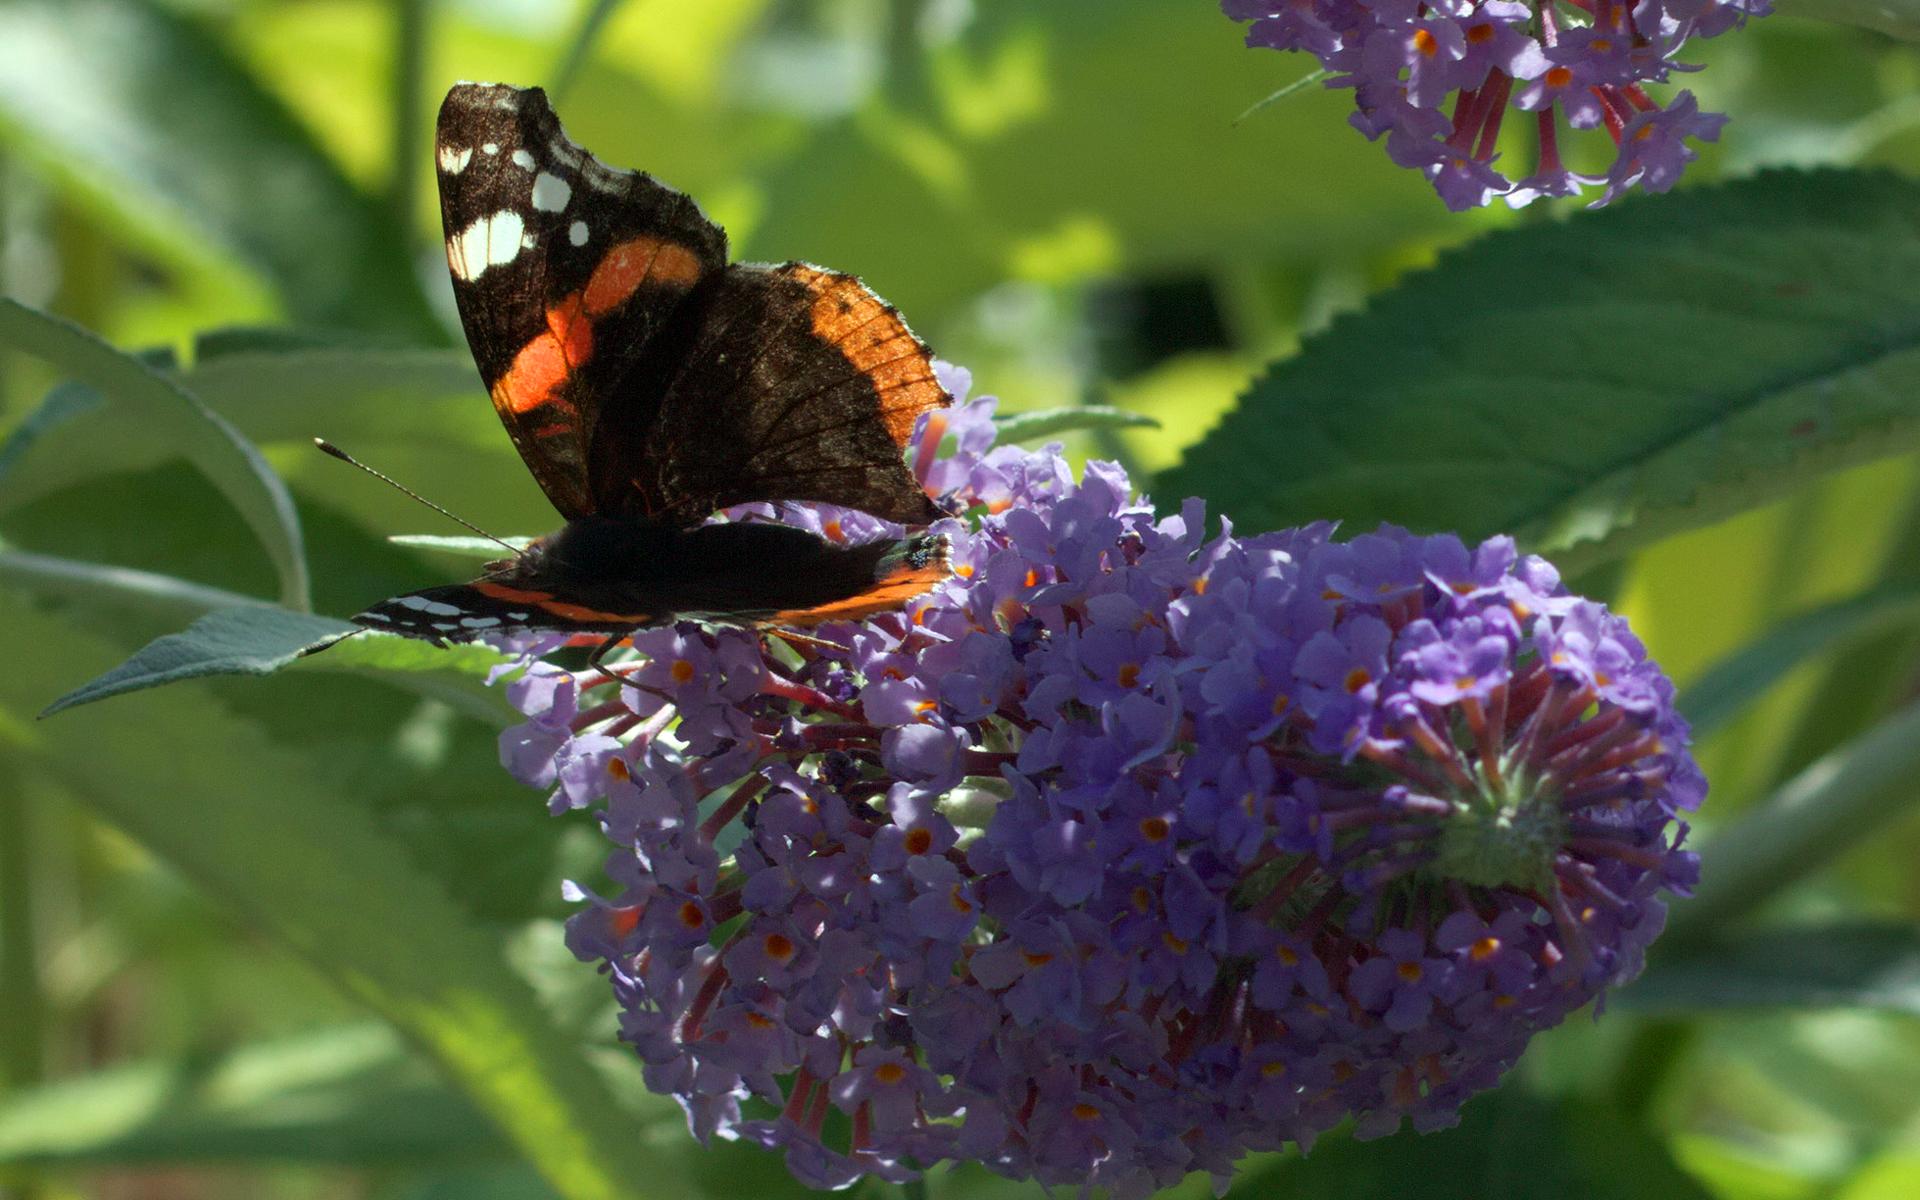 Arbre à papillons - Crédit : Stanze - Flickr